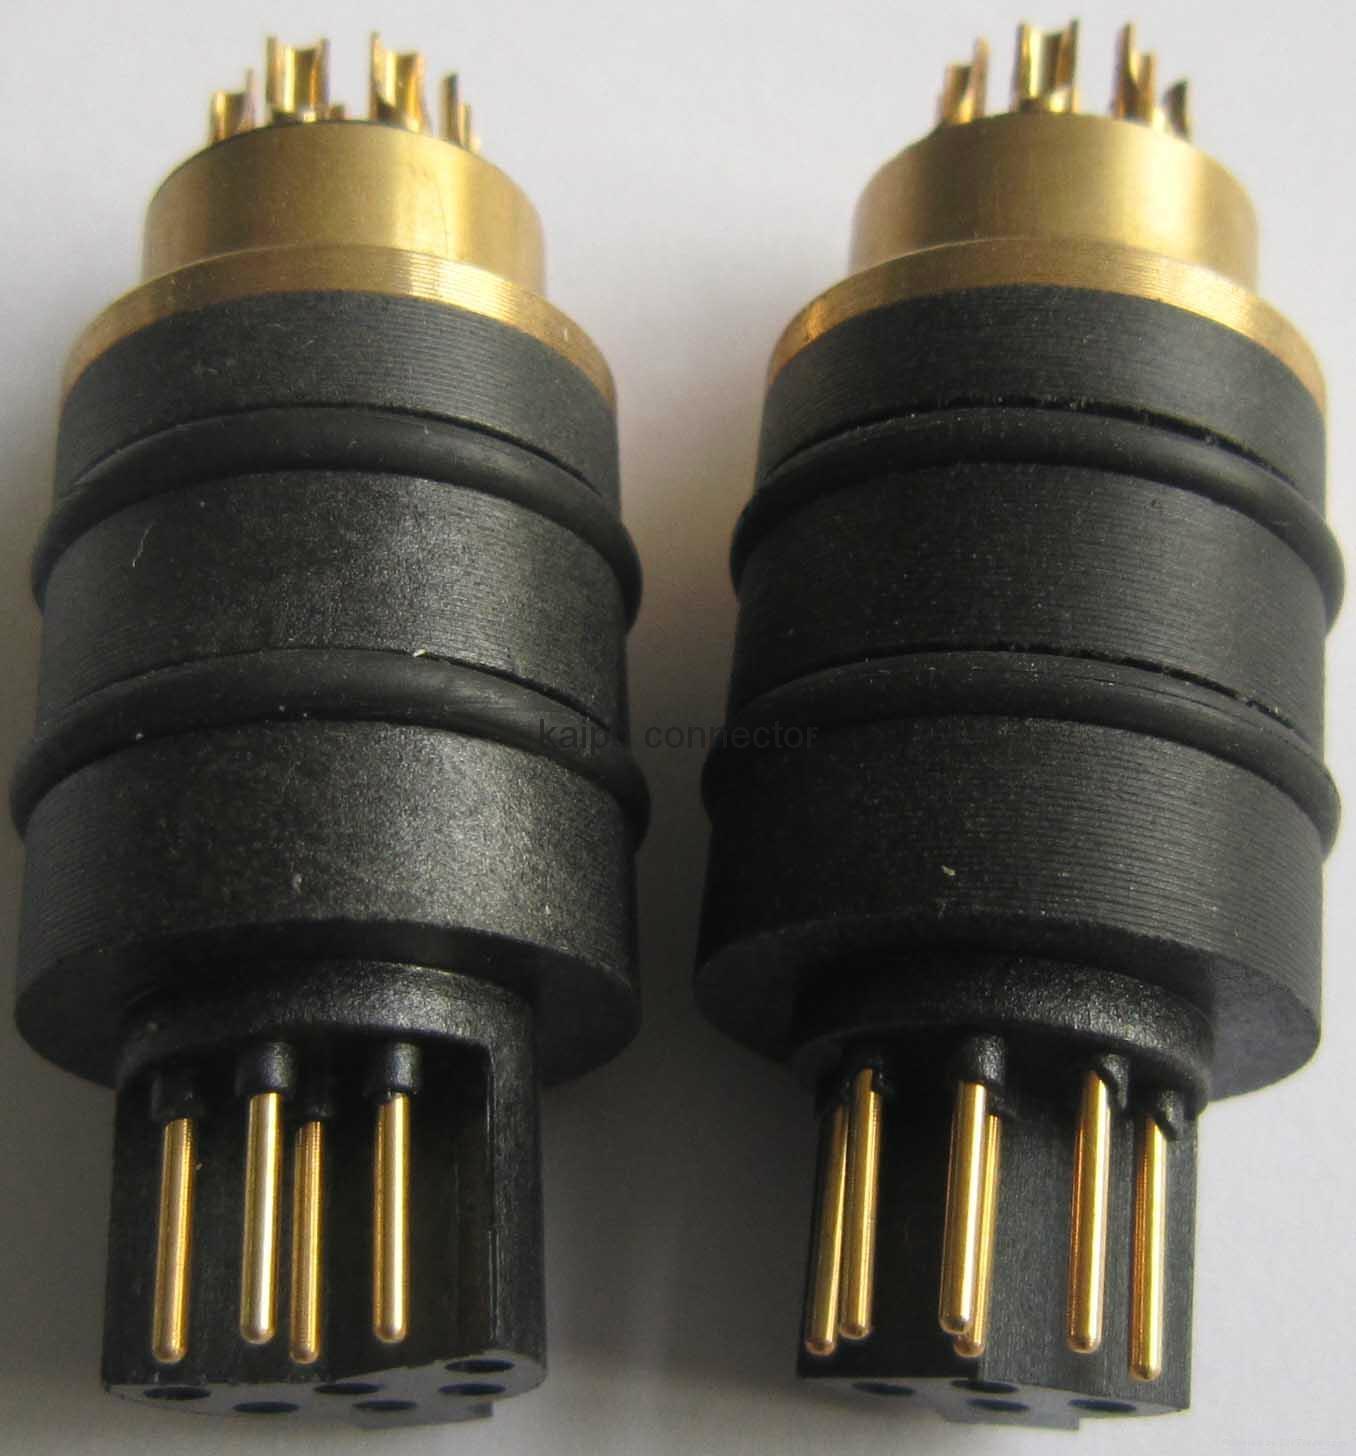 10芯耐高压电连接器,航空插头,高压插头 2